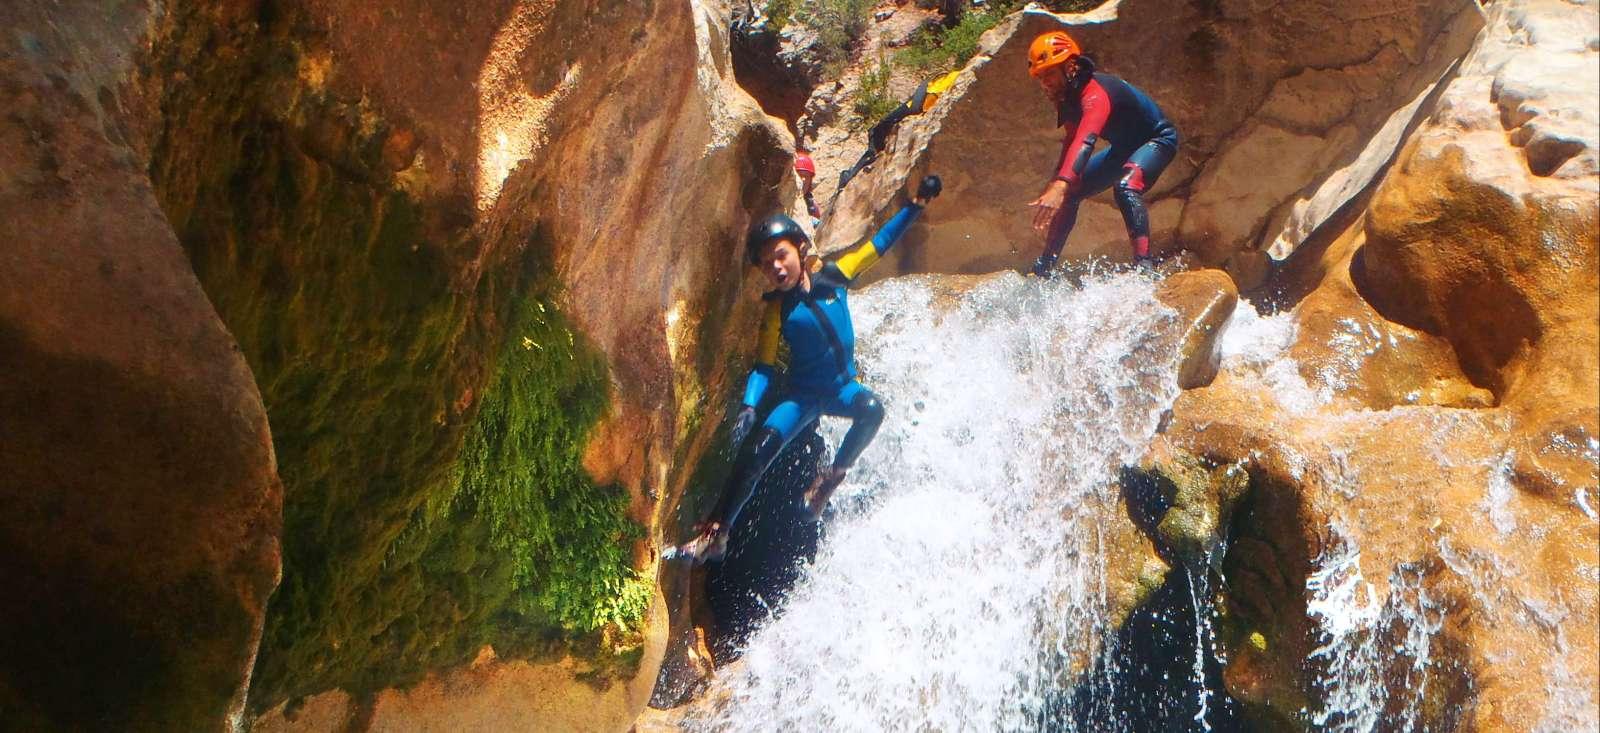 Voyage sur l'eau : Canyons légendaires de la Sierra de Guara !